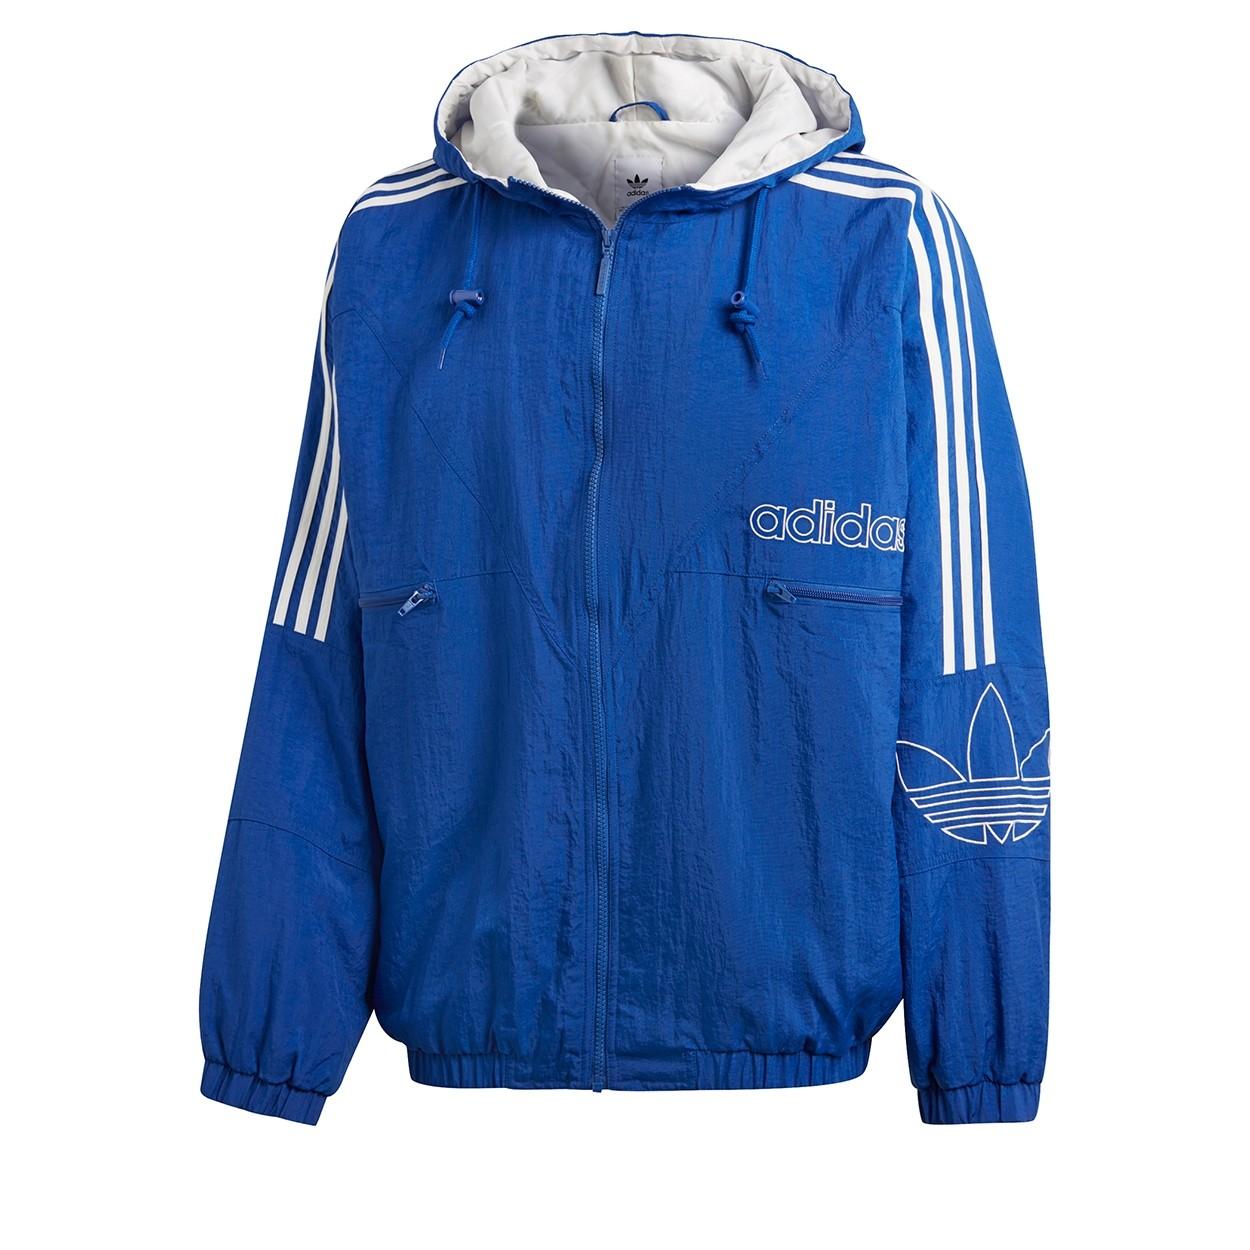 adidas Originals Trefoil Jacket (Collegiate Royal)